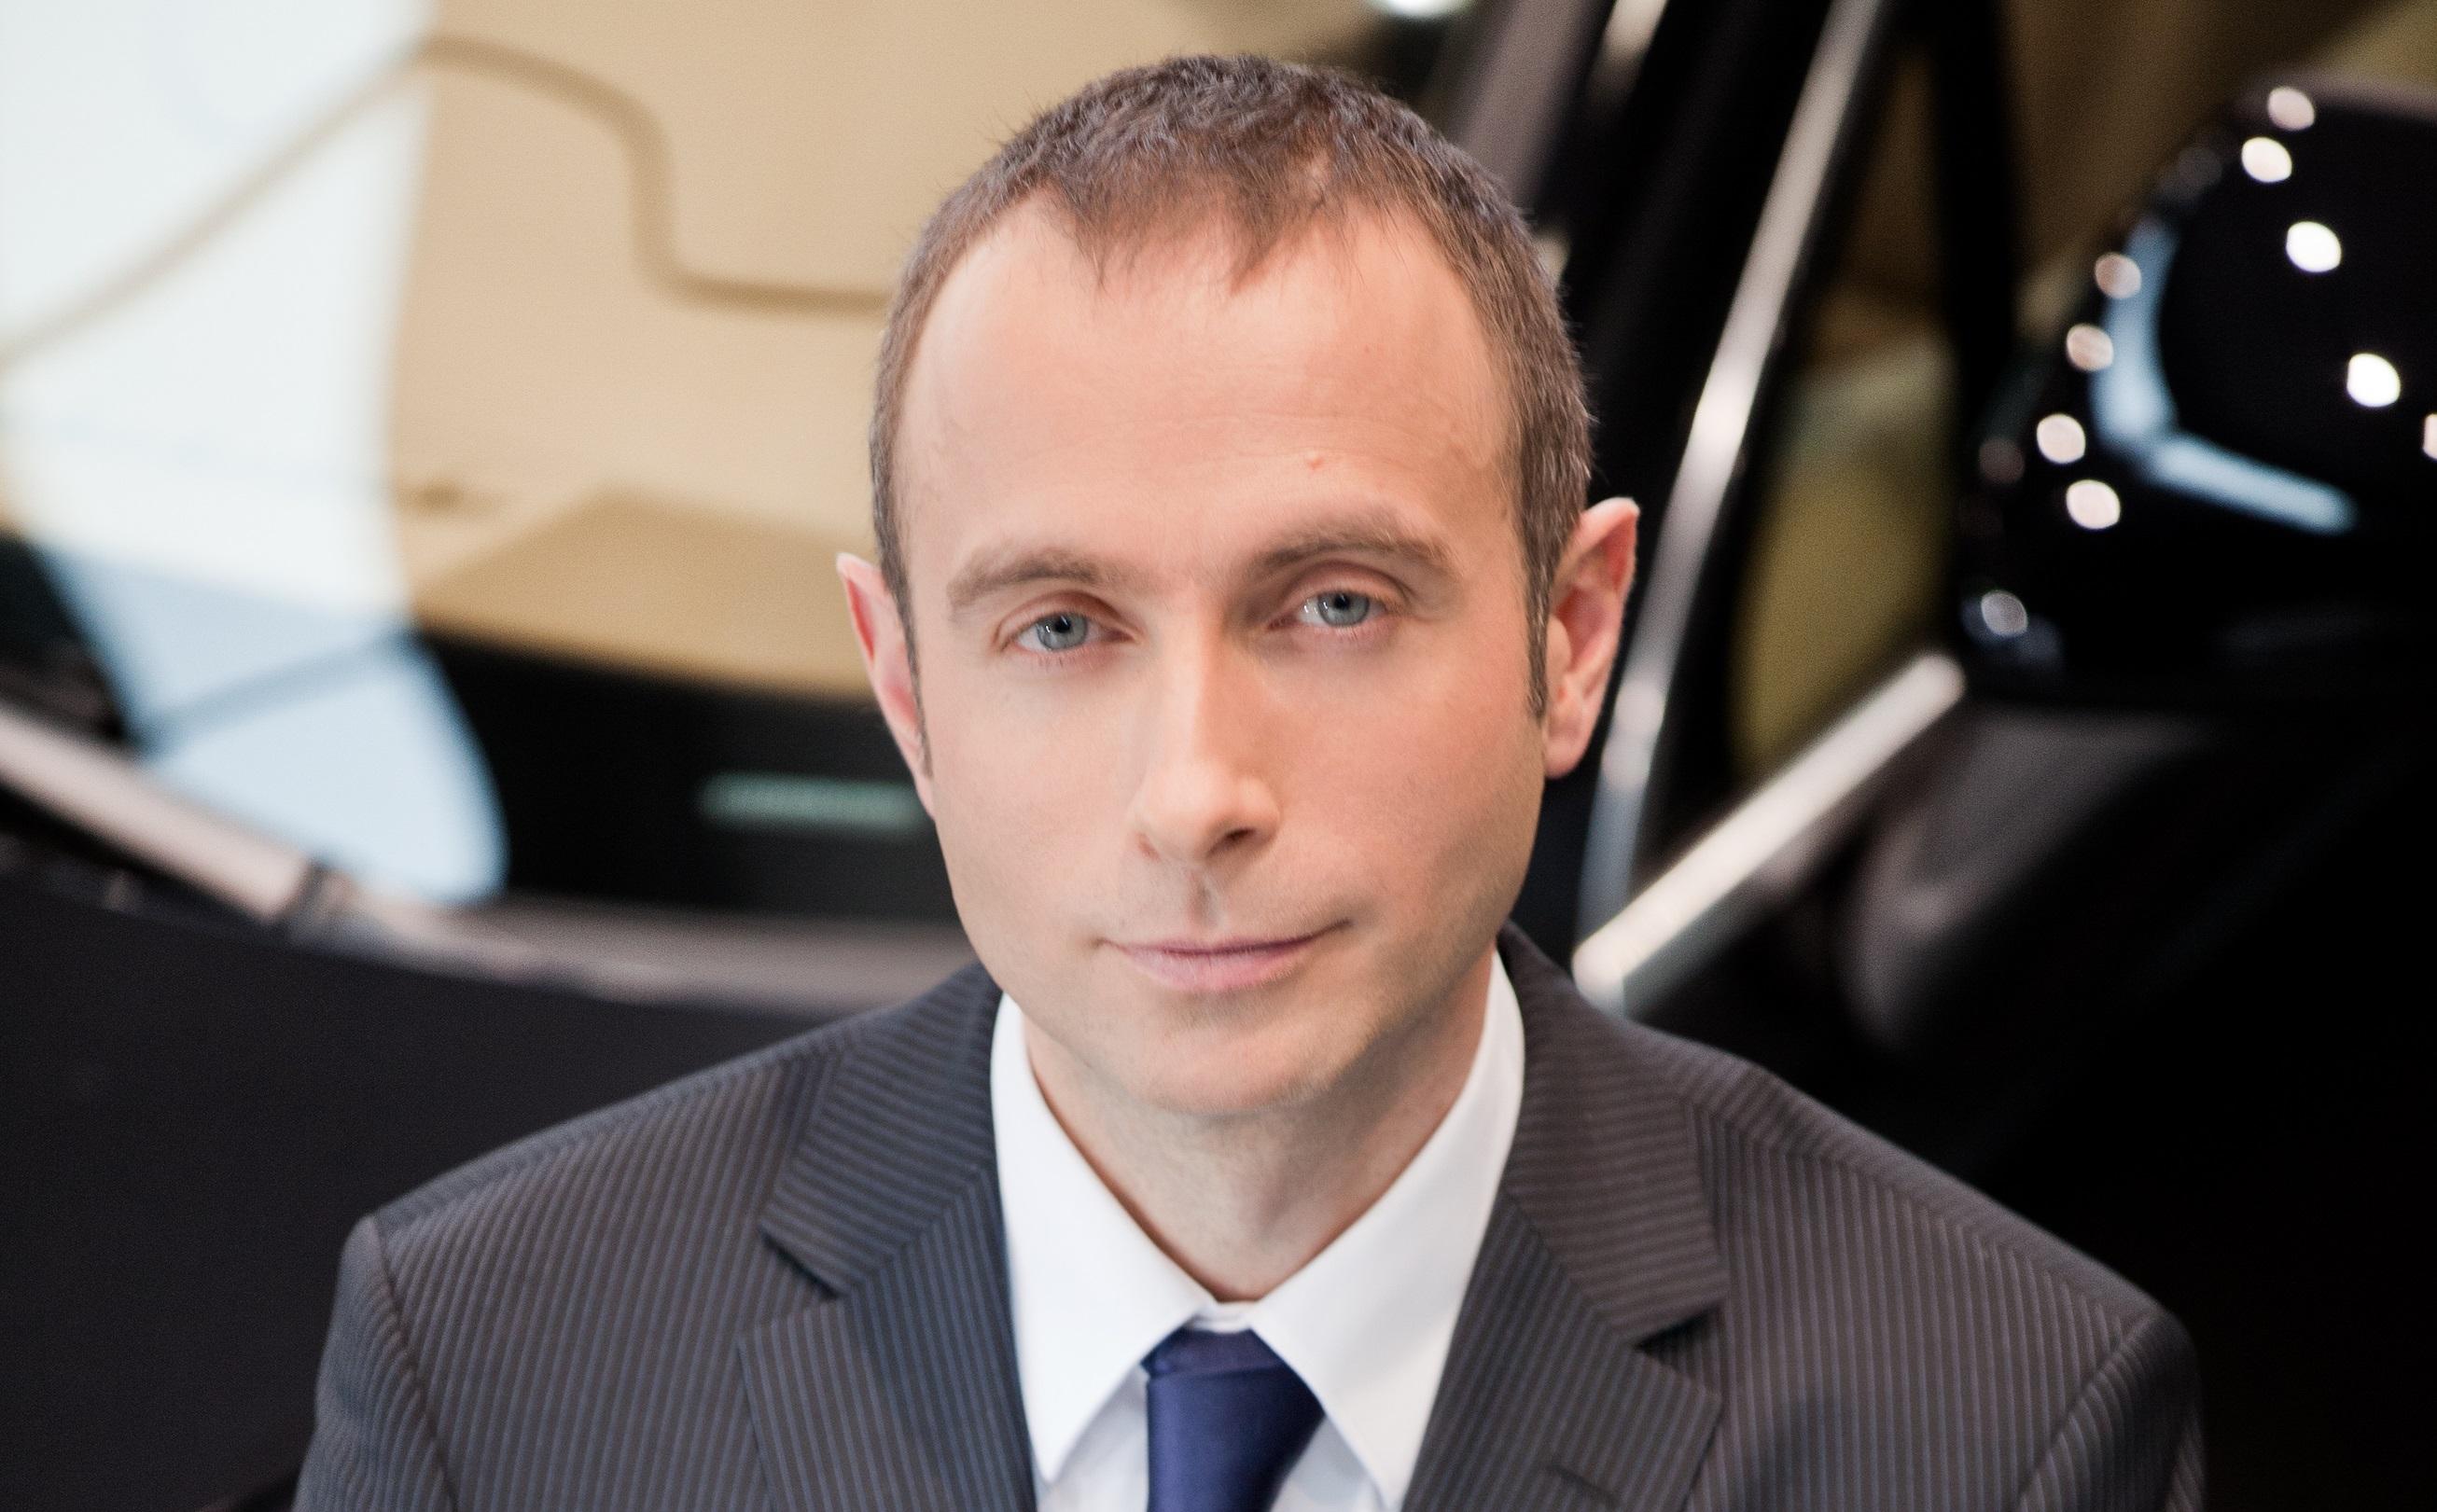 Alin Tapalaga revine in Romania pe pozitia de Director General al Porsche Inter Auto